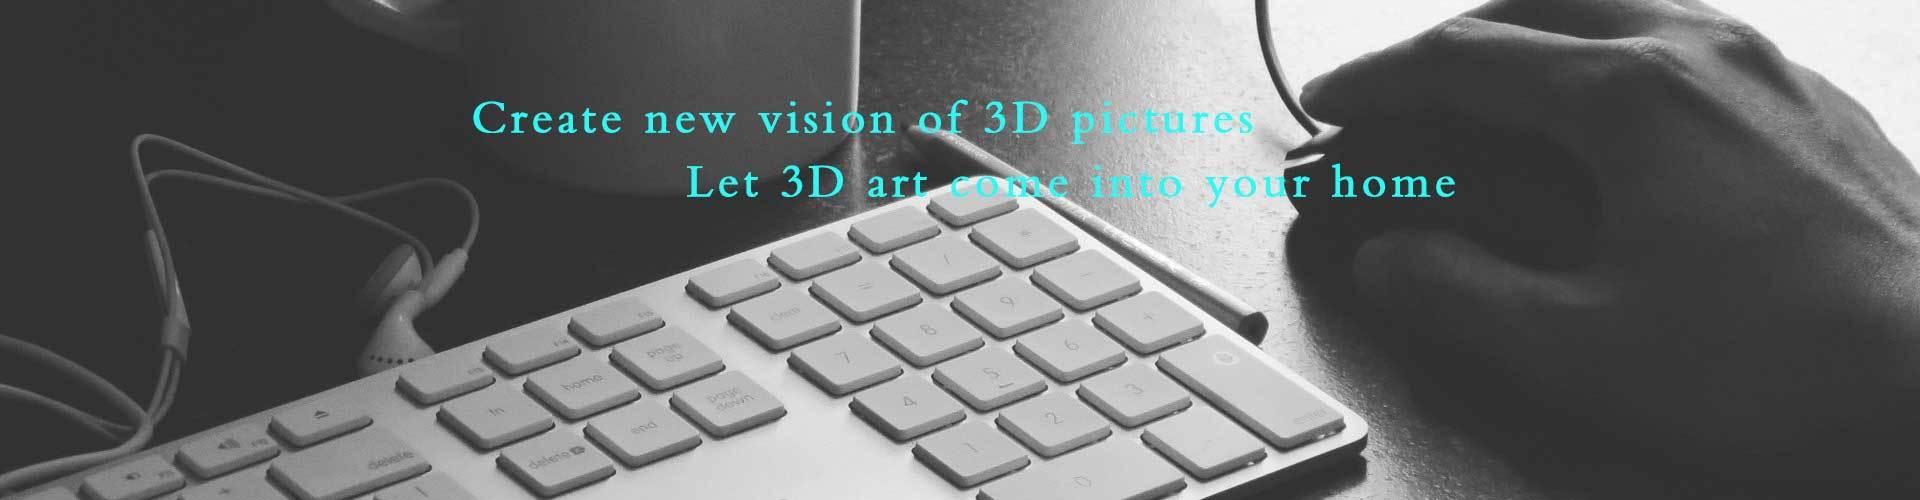 3D立体图|3D艺术定制|裸眼3D|立体冲印 单张立体软件系统